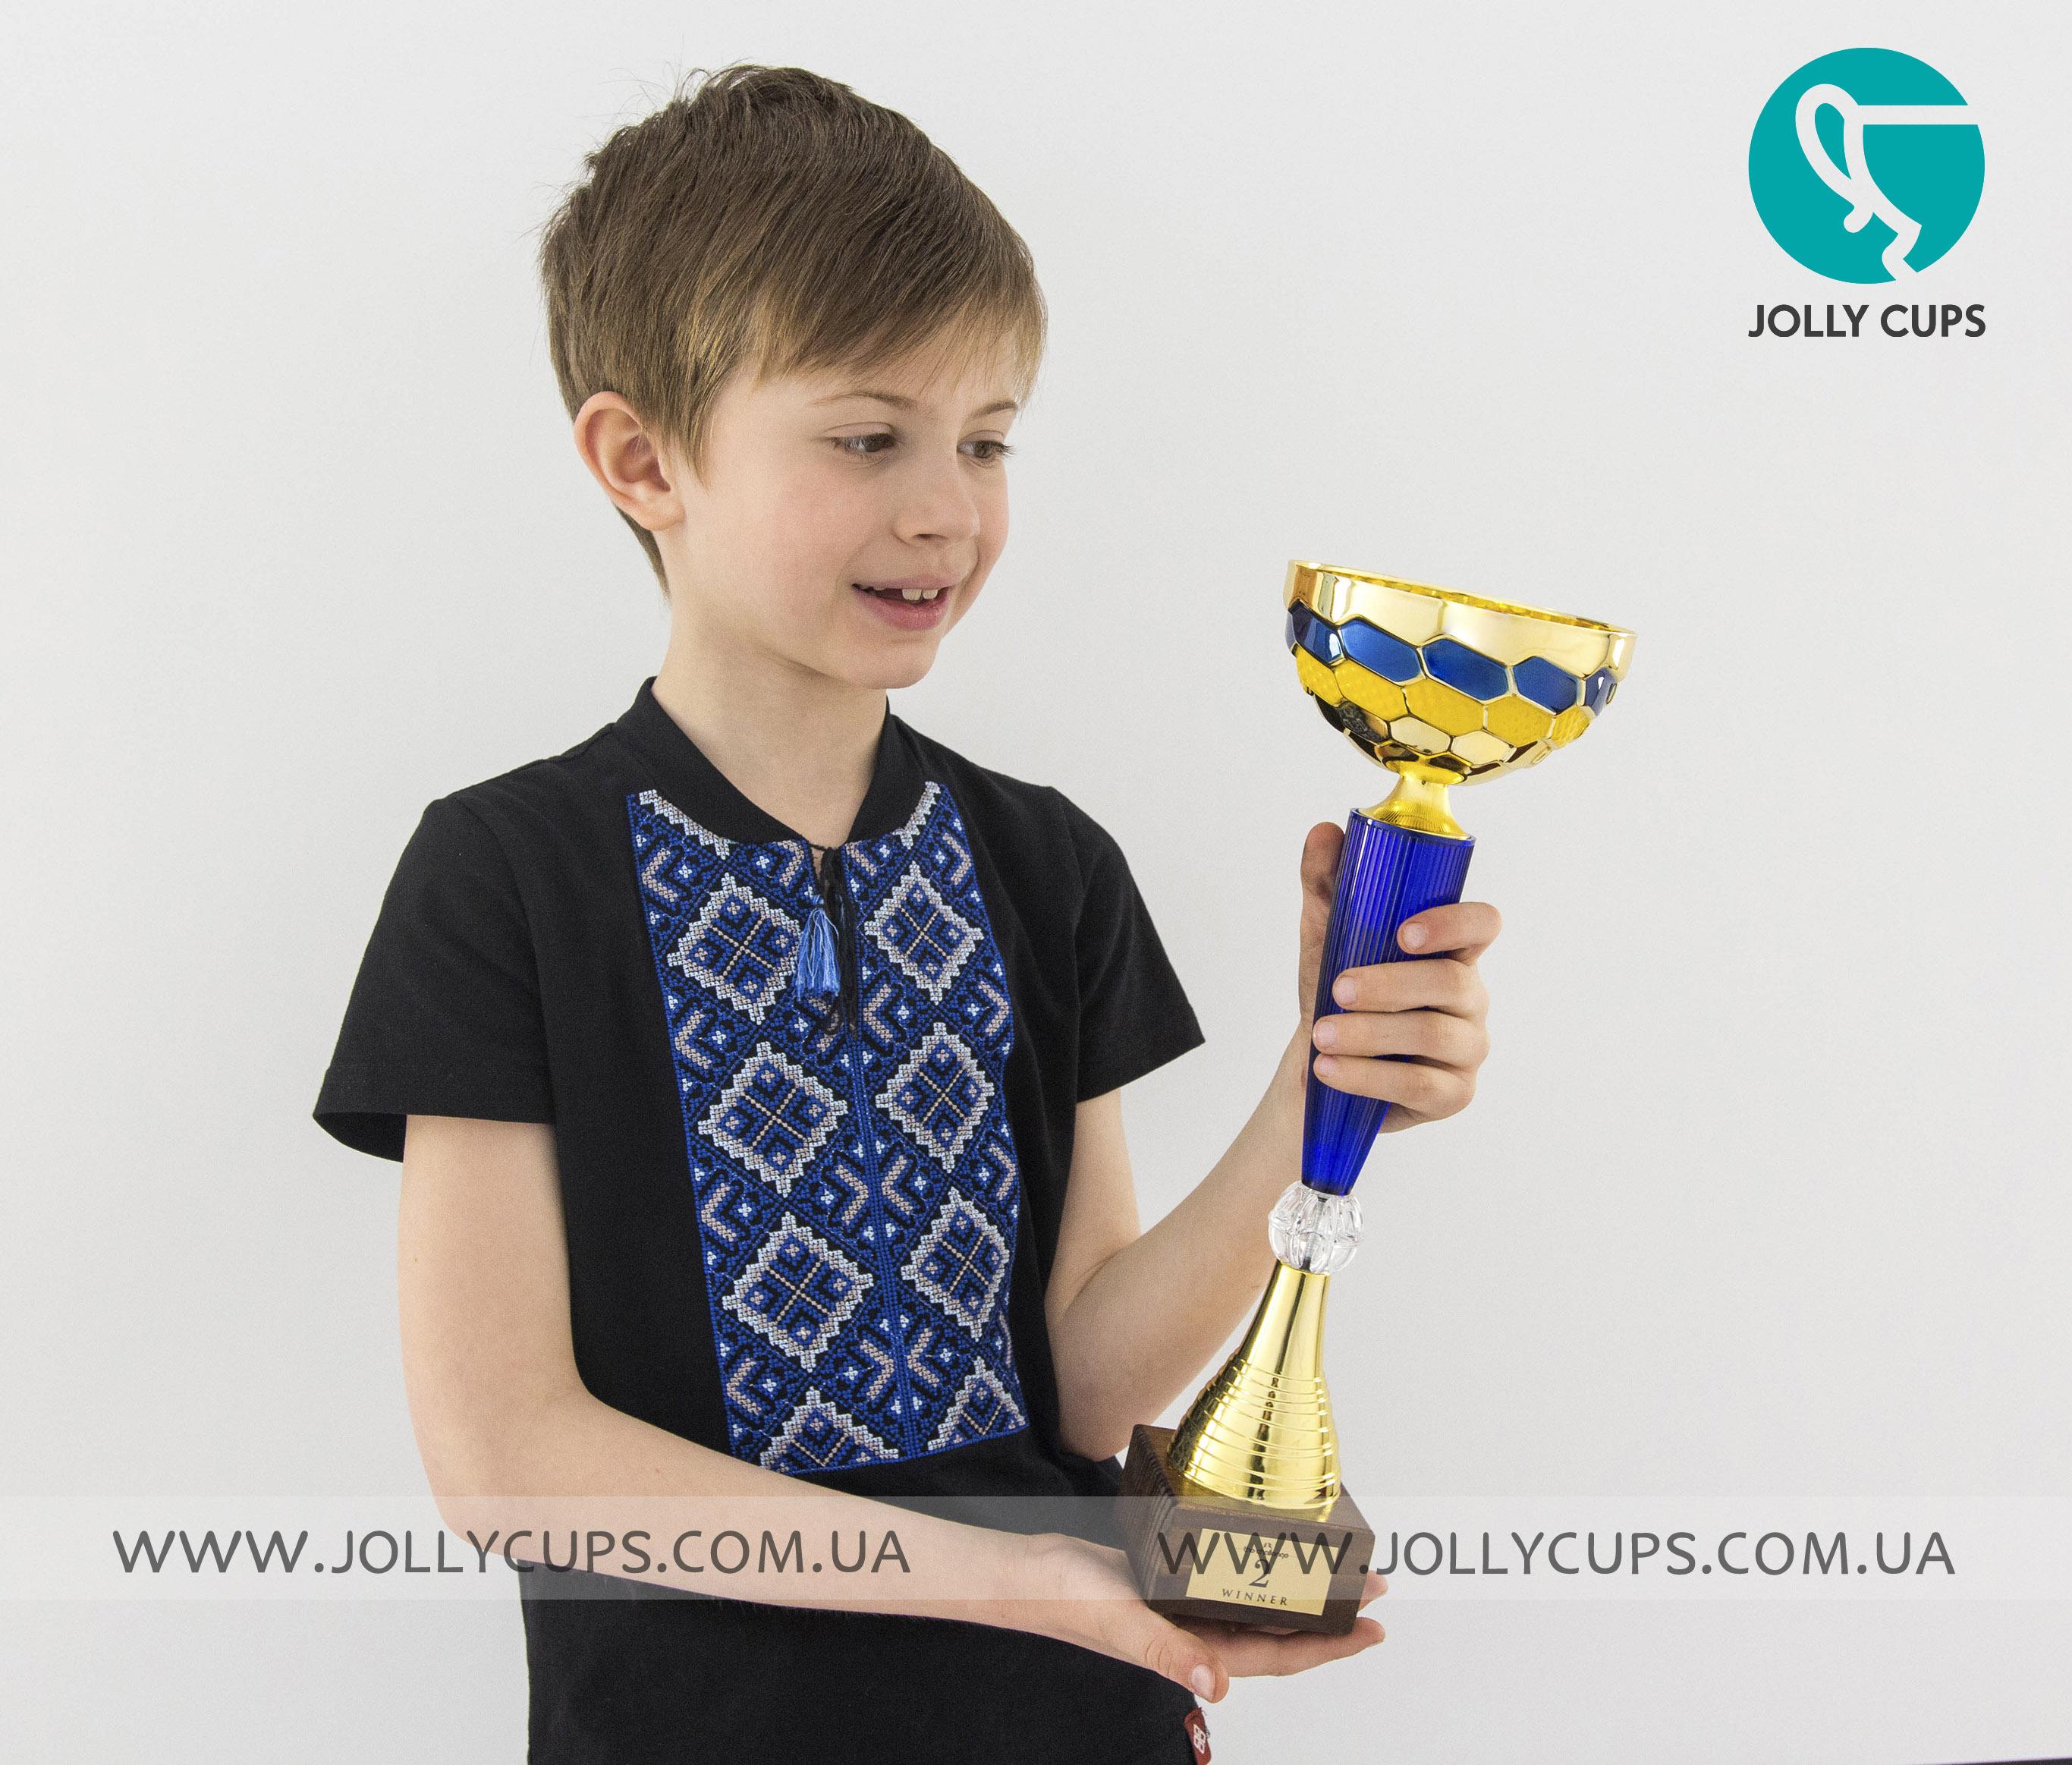 Купити кубки нагороди для дітей Київ